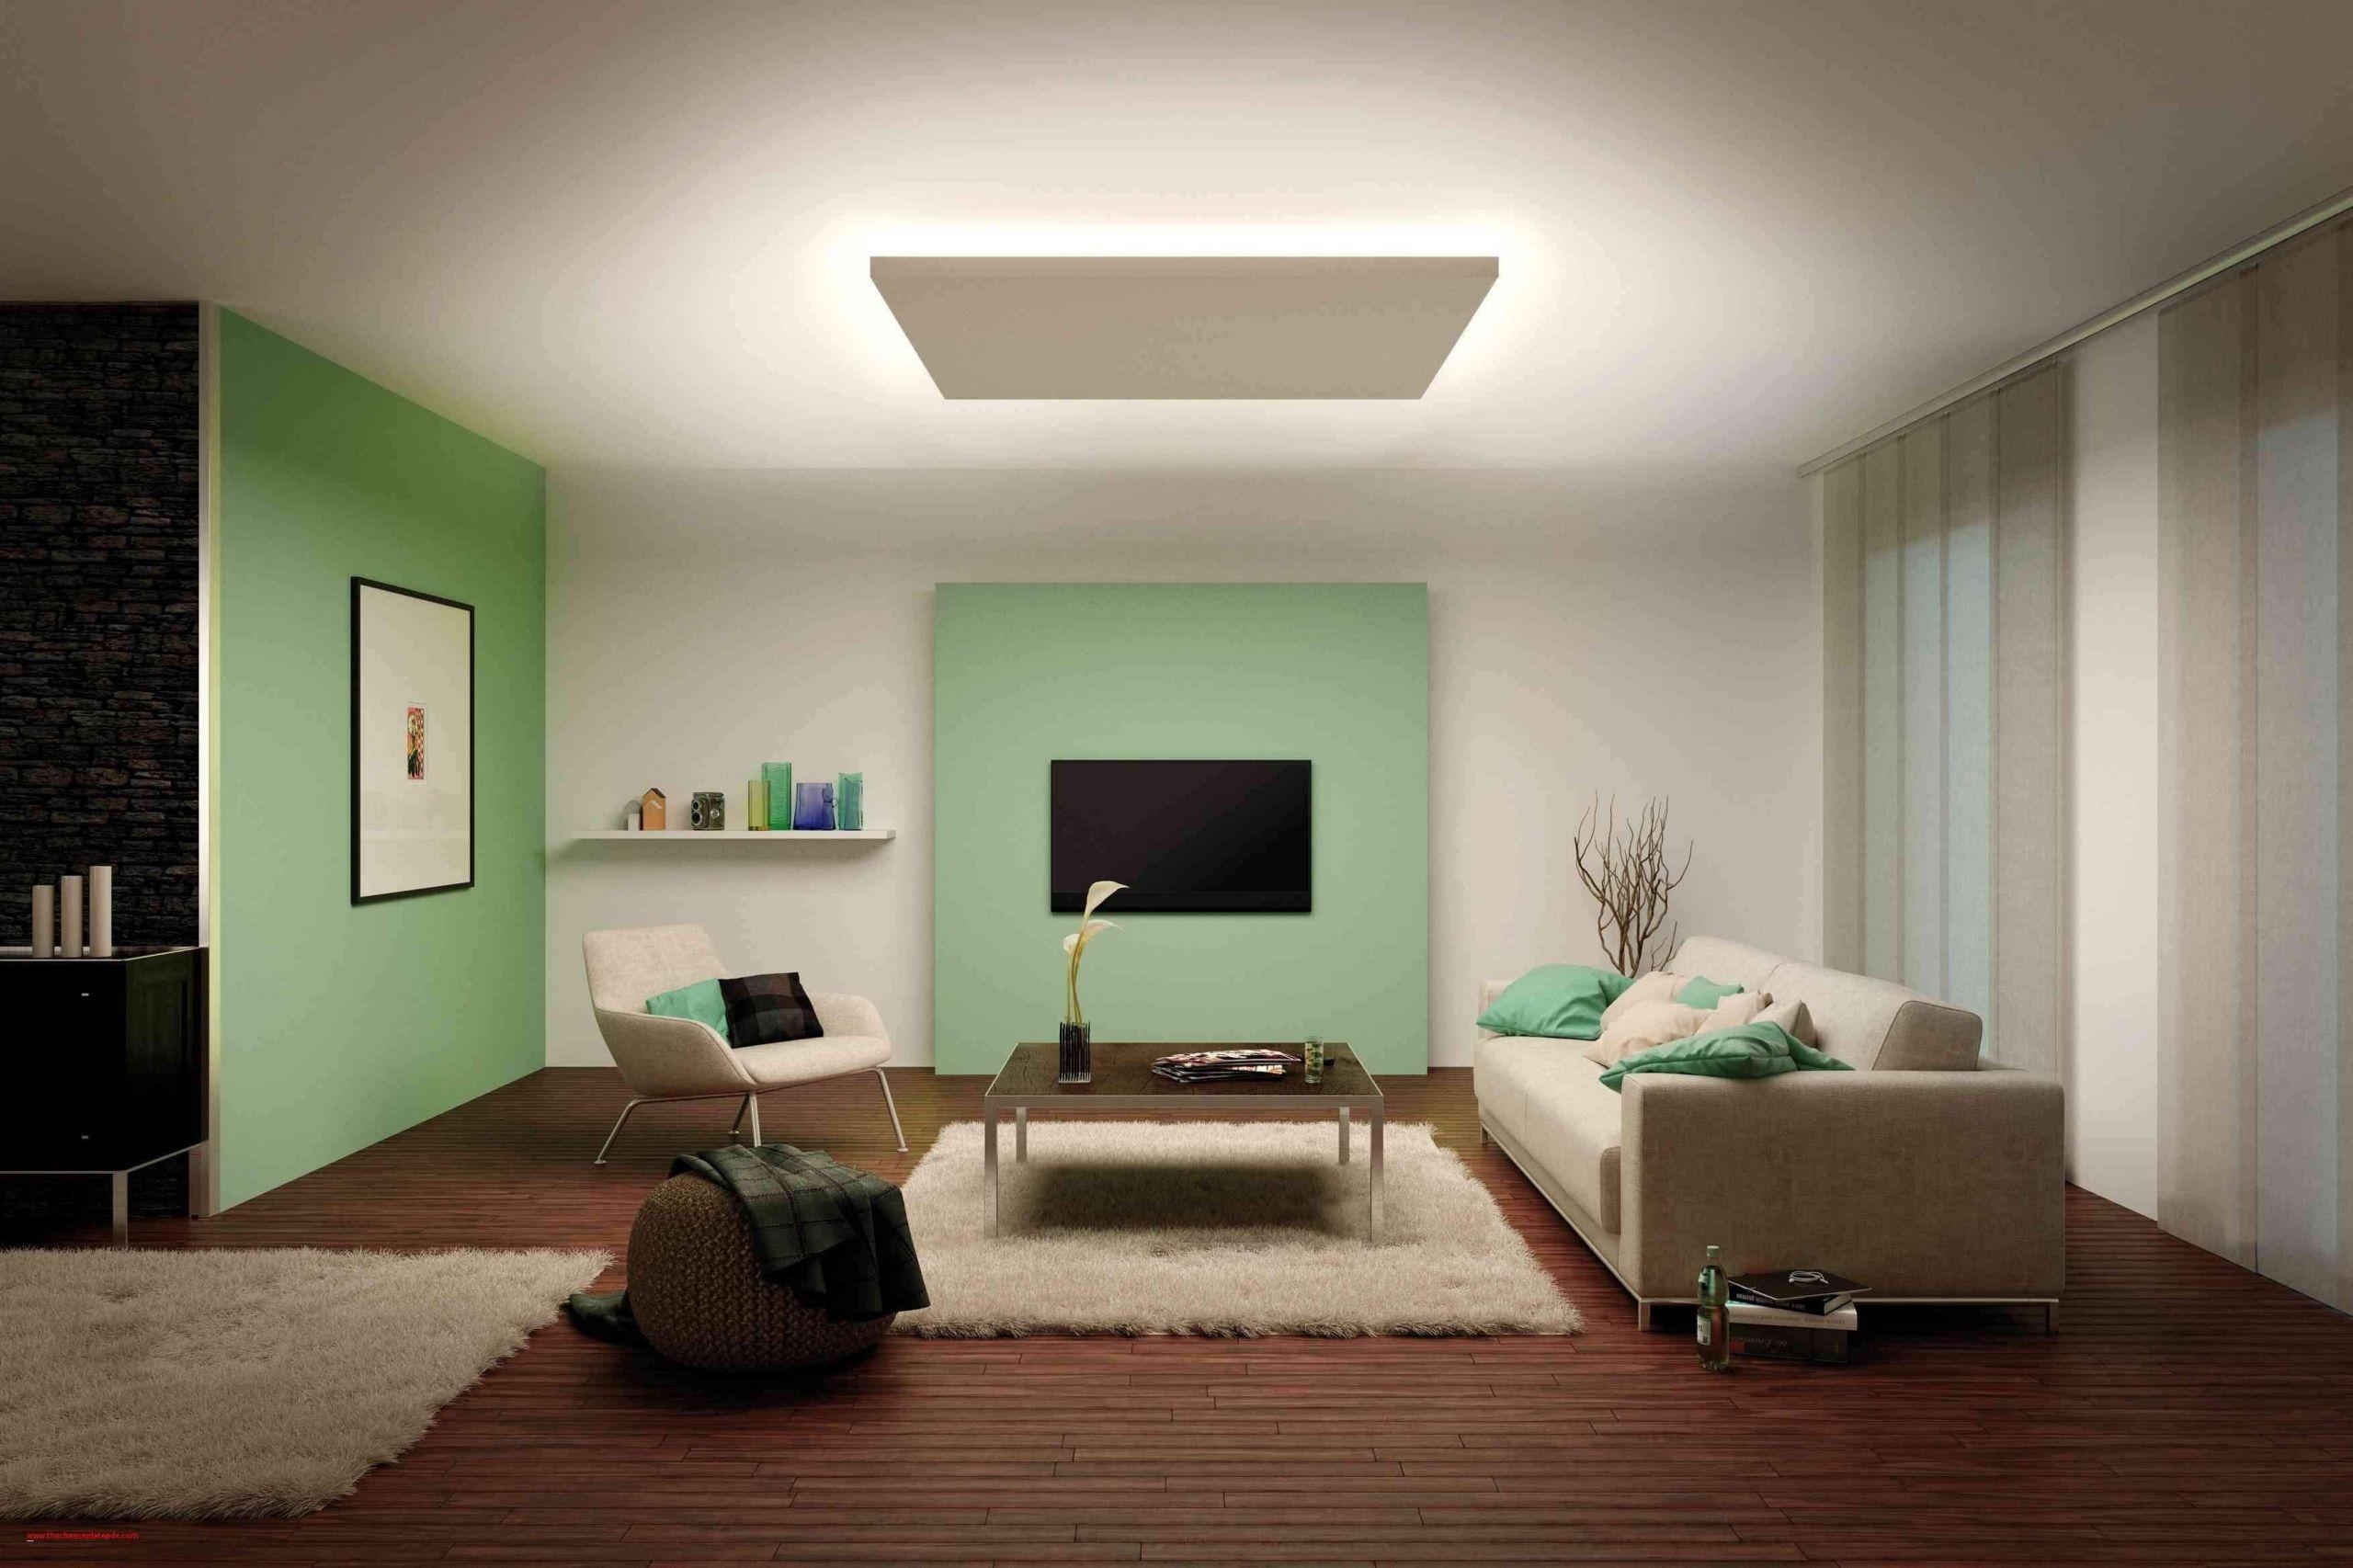 stuehle modernes design deckenleuchte esszimmer modern schoen 35 kollektion lampe esstisch schoen